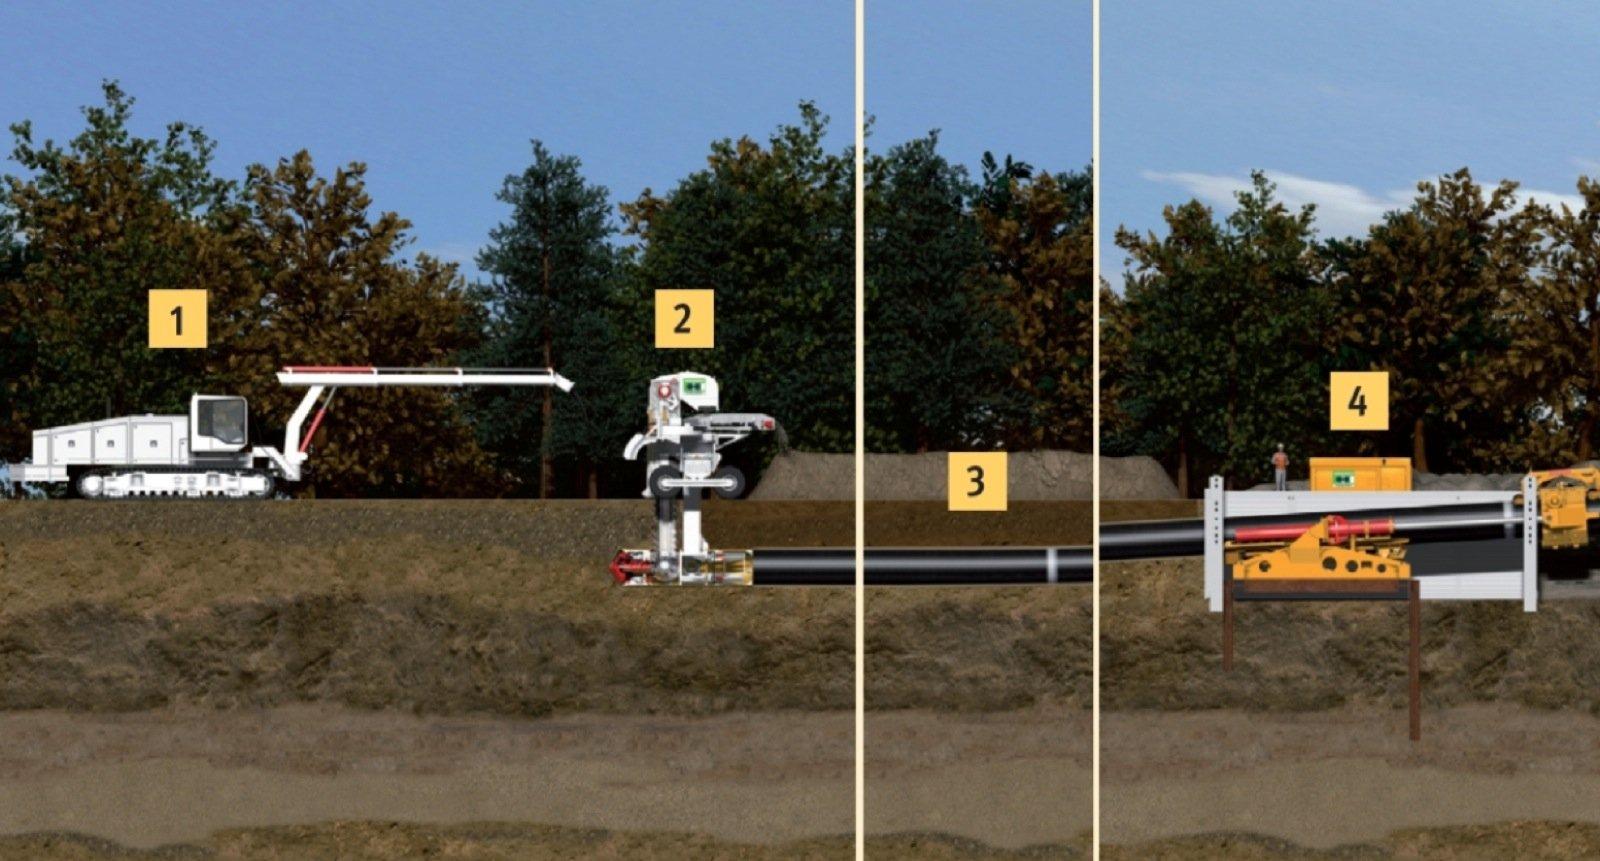 Das System Pipe Express auf einen Blick: Das Operatorfahrzeug (1) steuert und überwacht die Anlage. Die Abbaueinheit (2) löst den Boden und fördert ihn direkt zutage. Der Pipe Thruster (4) schiebt die Pipeline (3) gleichzeitig in das Bohrloch.